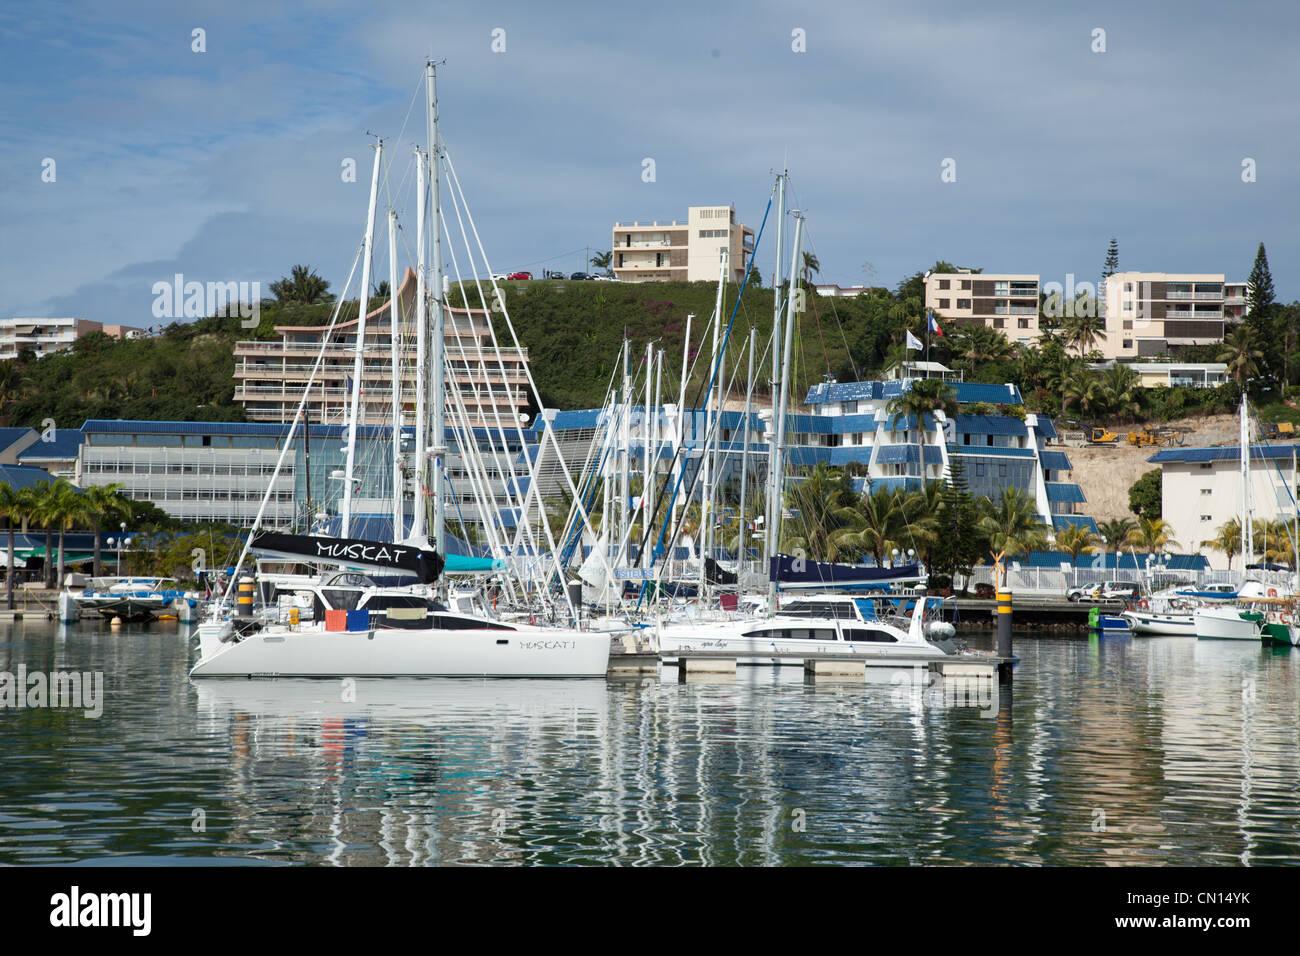 Yachts Noumea New Caledonia - Stock Image